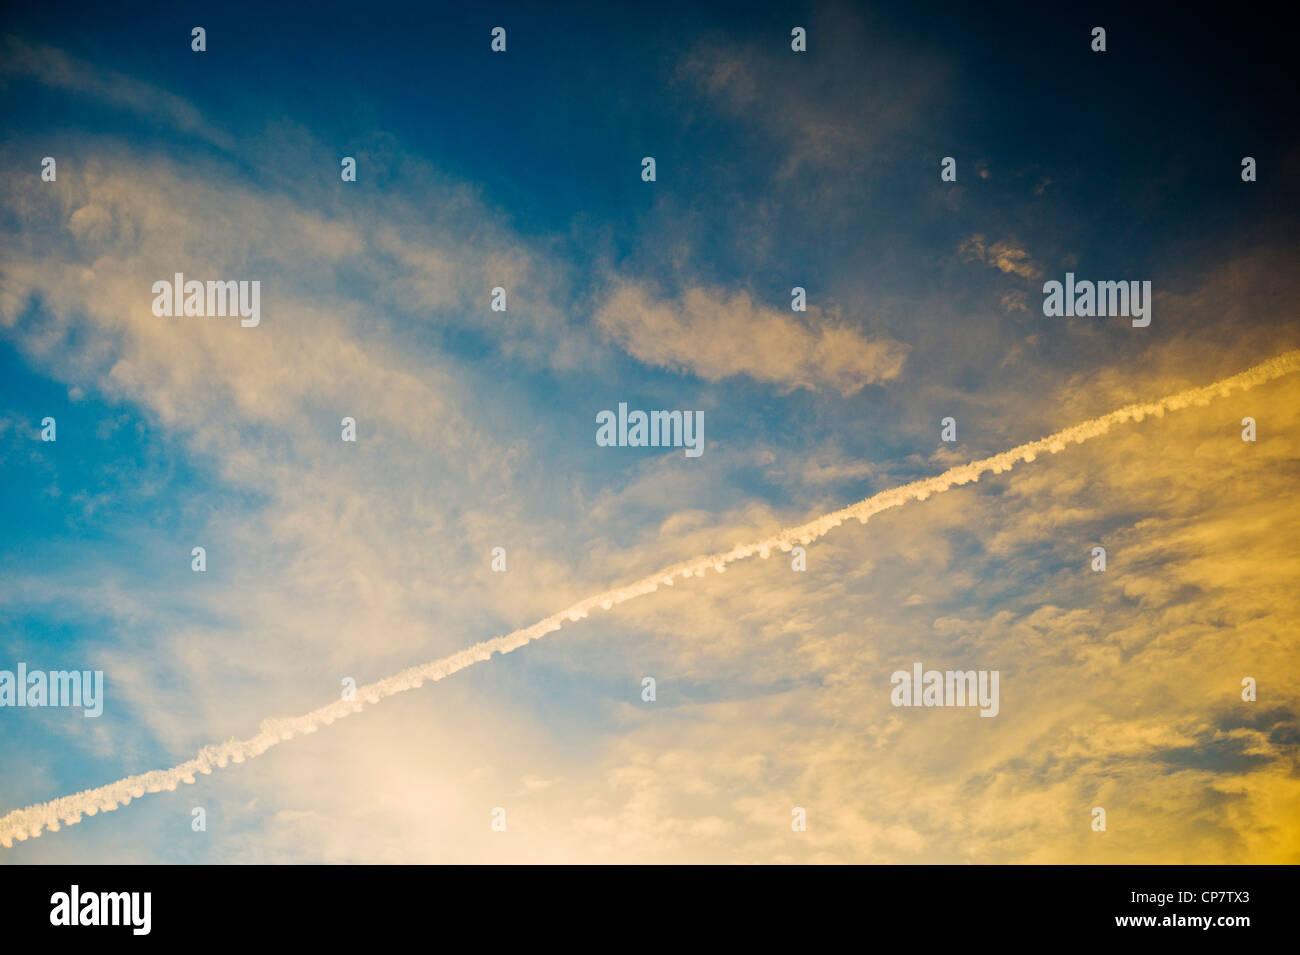 Kommerzielle Fluggesellschaft Jet Kondensstreifen über eine klare Dämmerung Sonnenuntergang blauen Himmel Stockbild